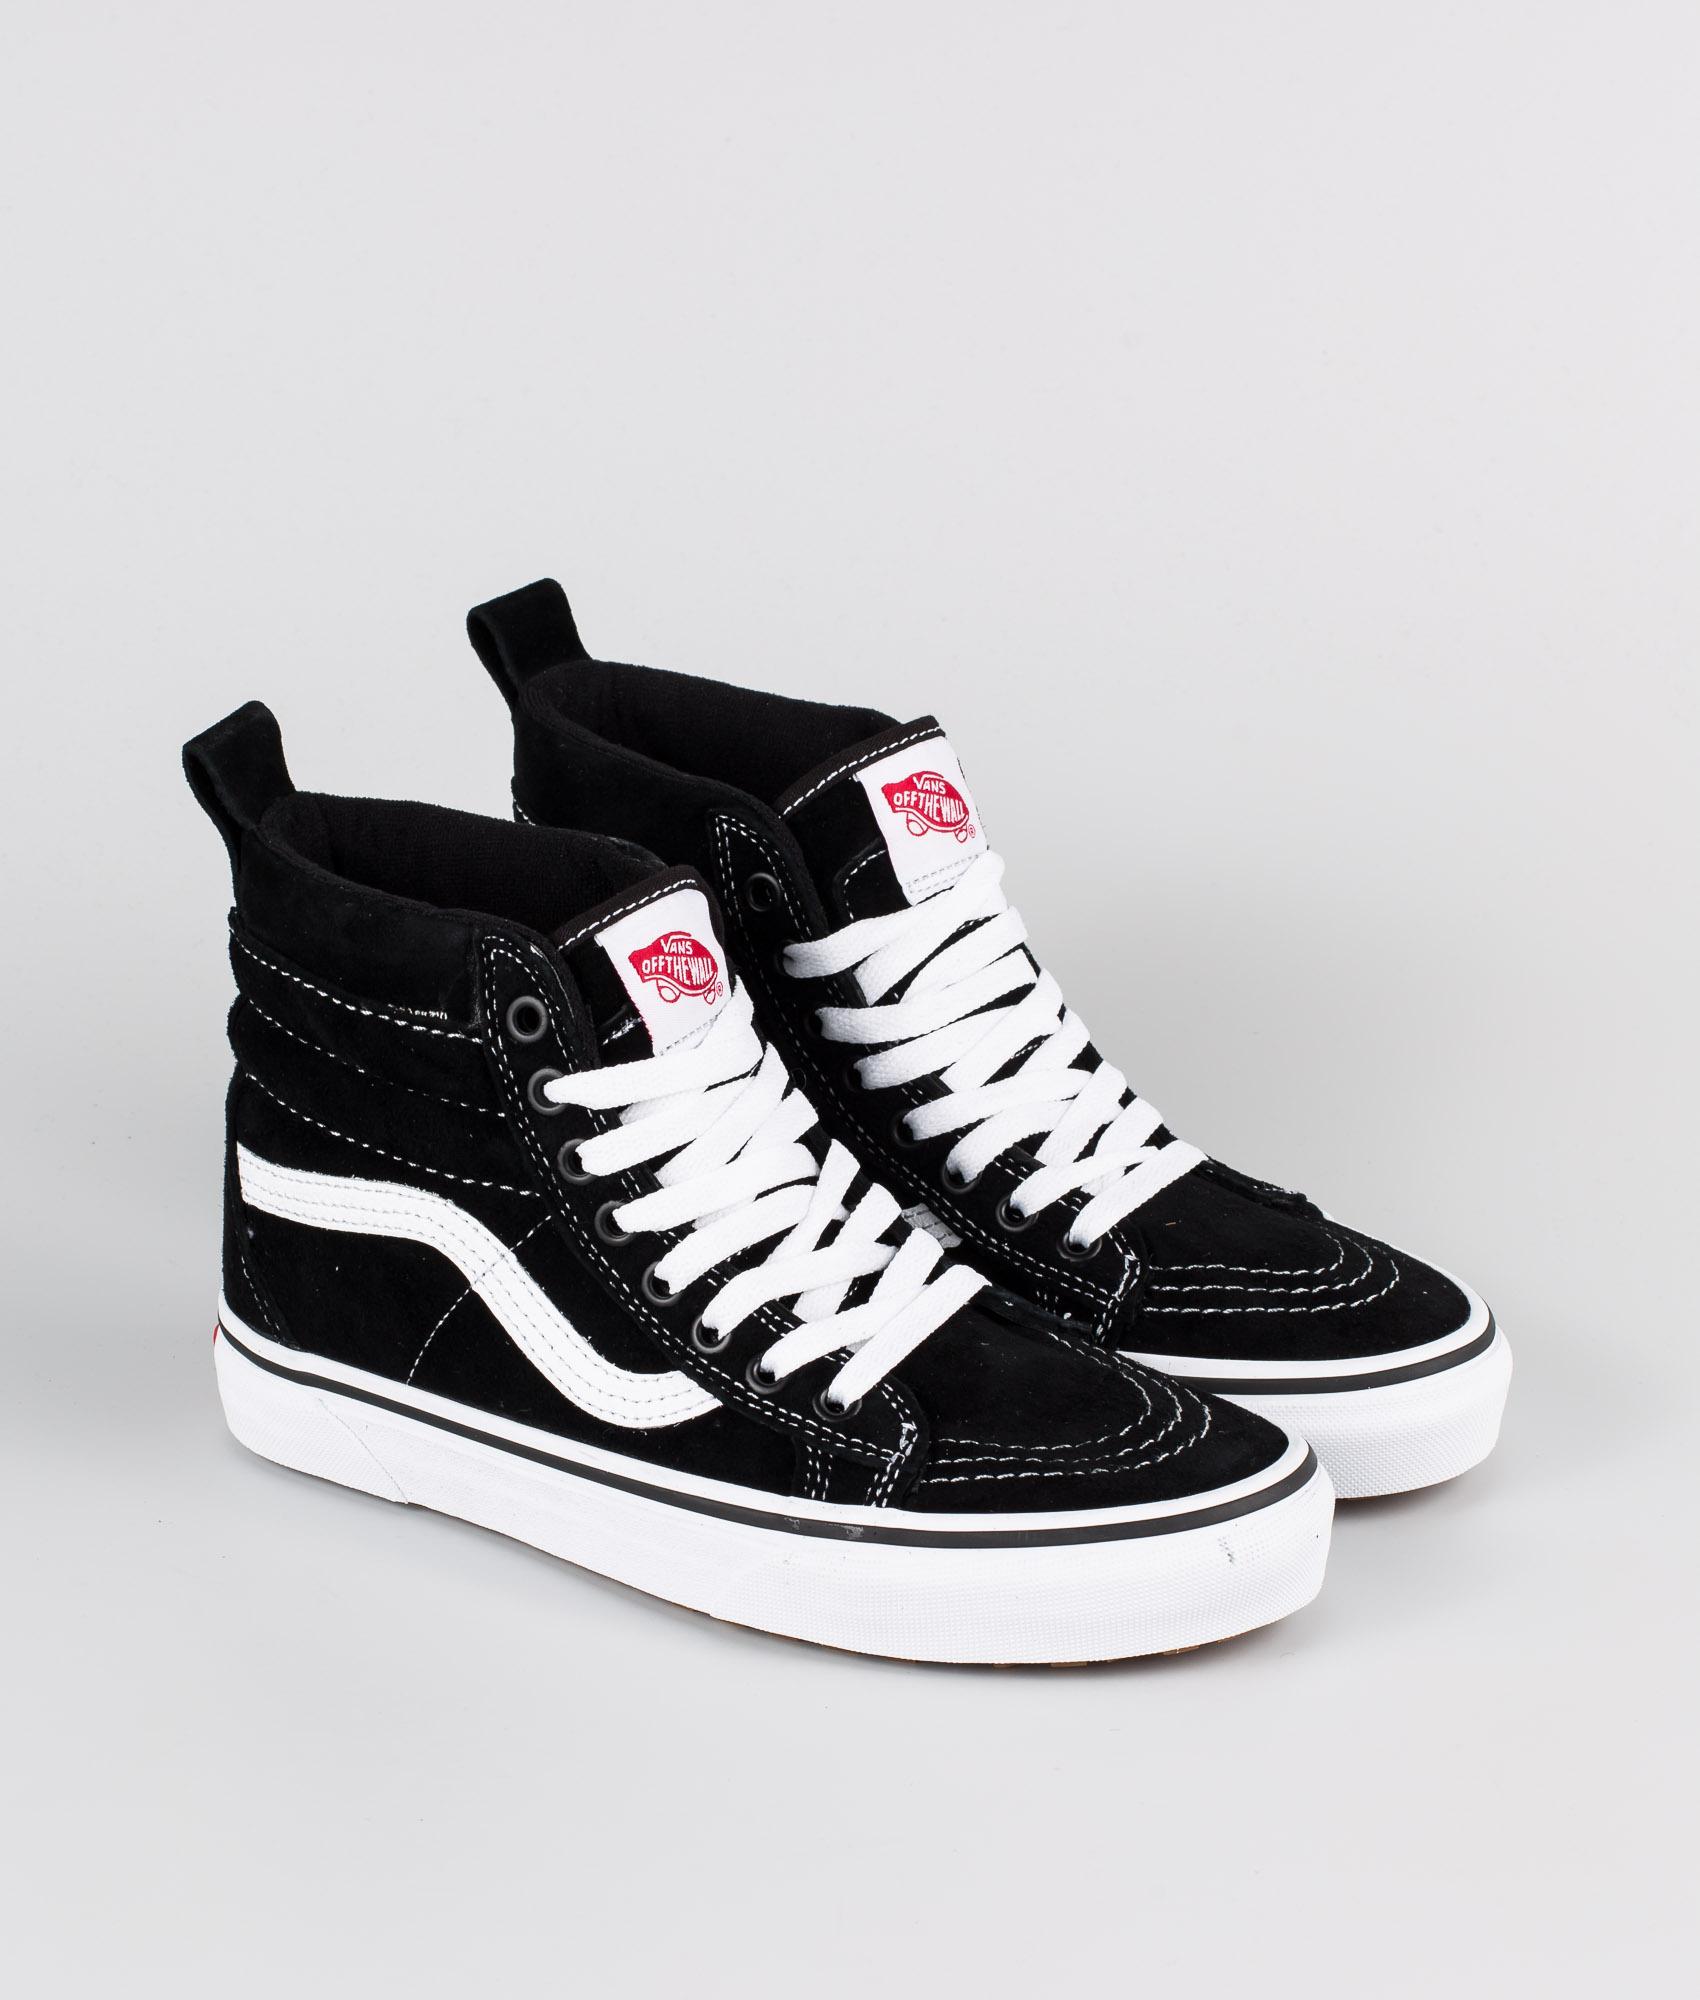 Vans SK8-Hi MTE Shoes (Mte) Black/True